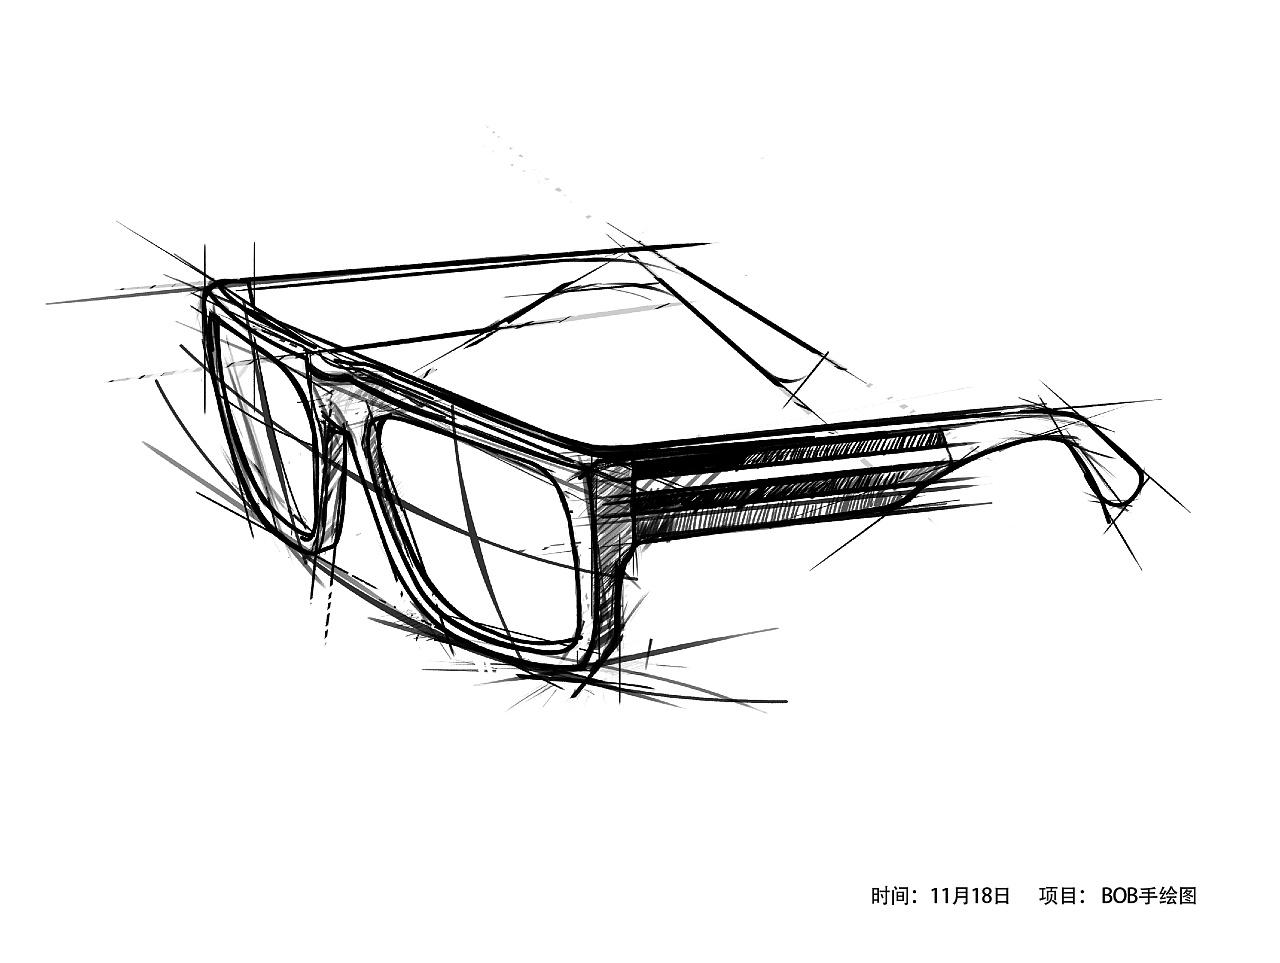 复杂产品手绘线稿